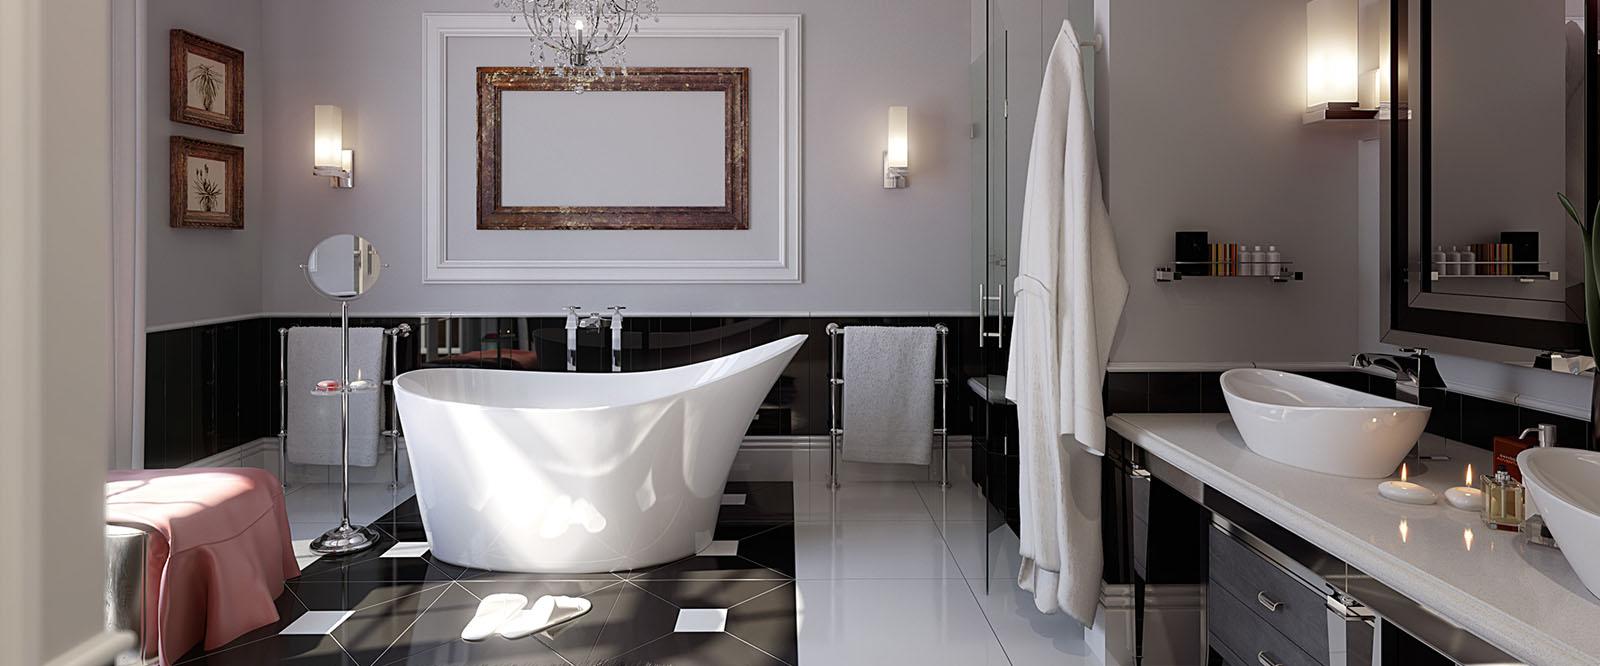 vasche e box docce | npz ceramiche - Npz Arredo Bagno